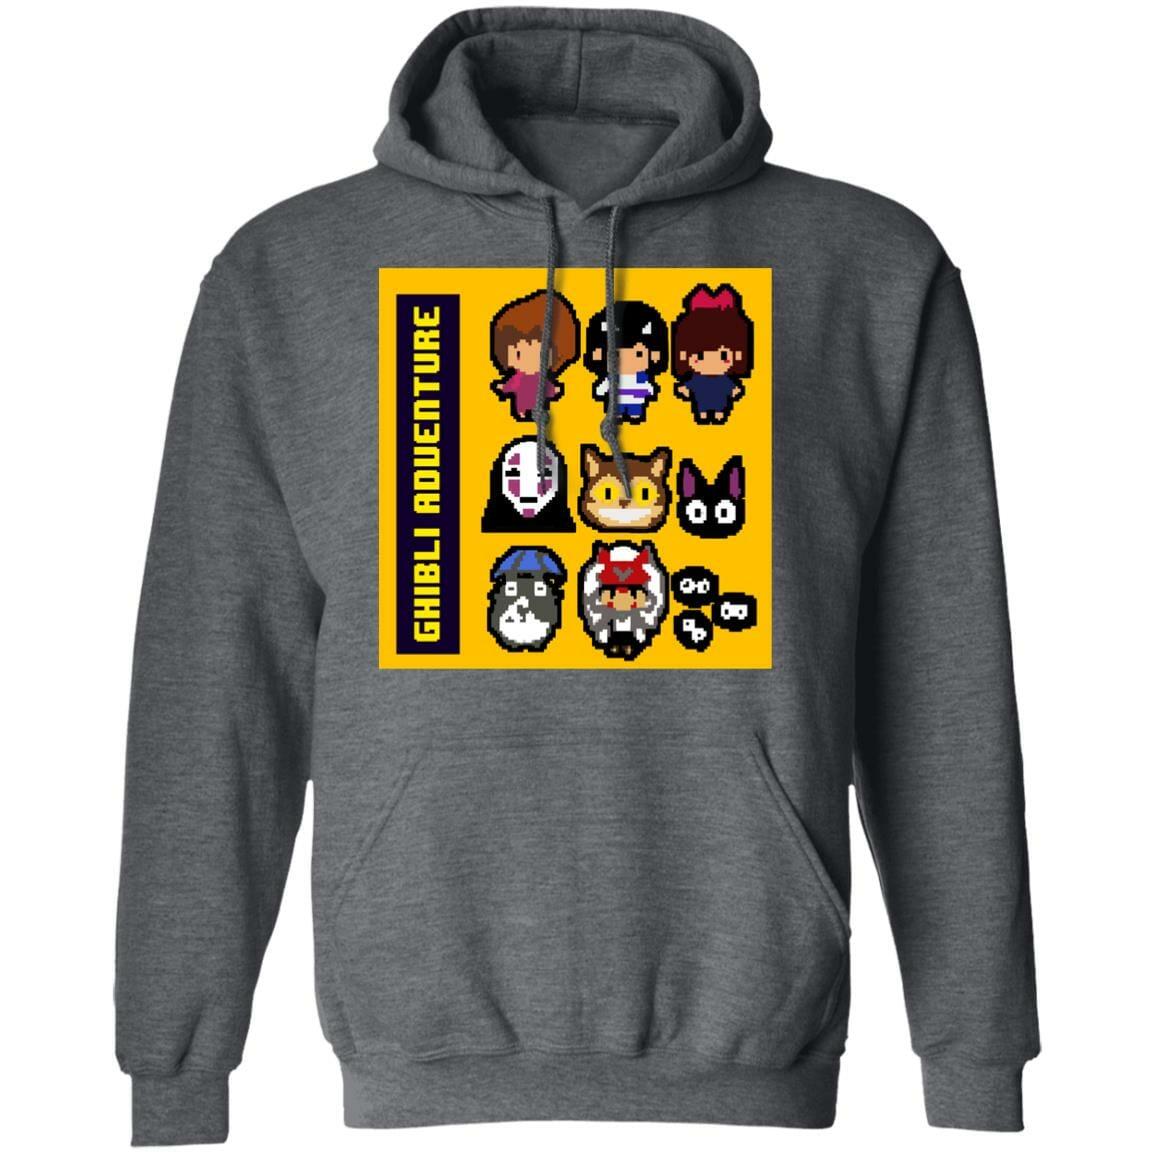 8 BIT Ghibli Adventures Hoodie Unisex